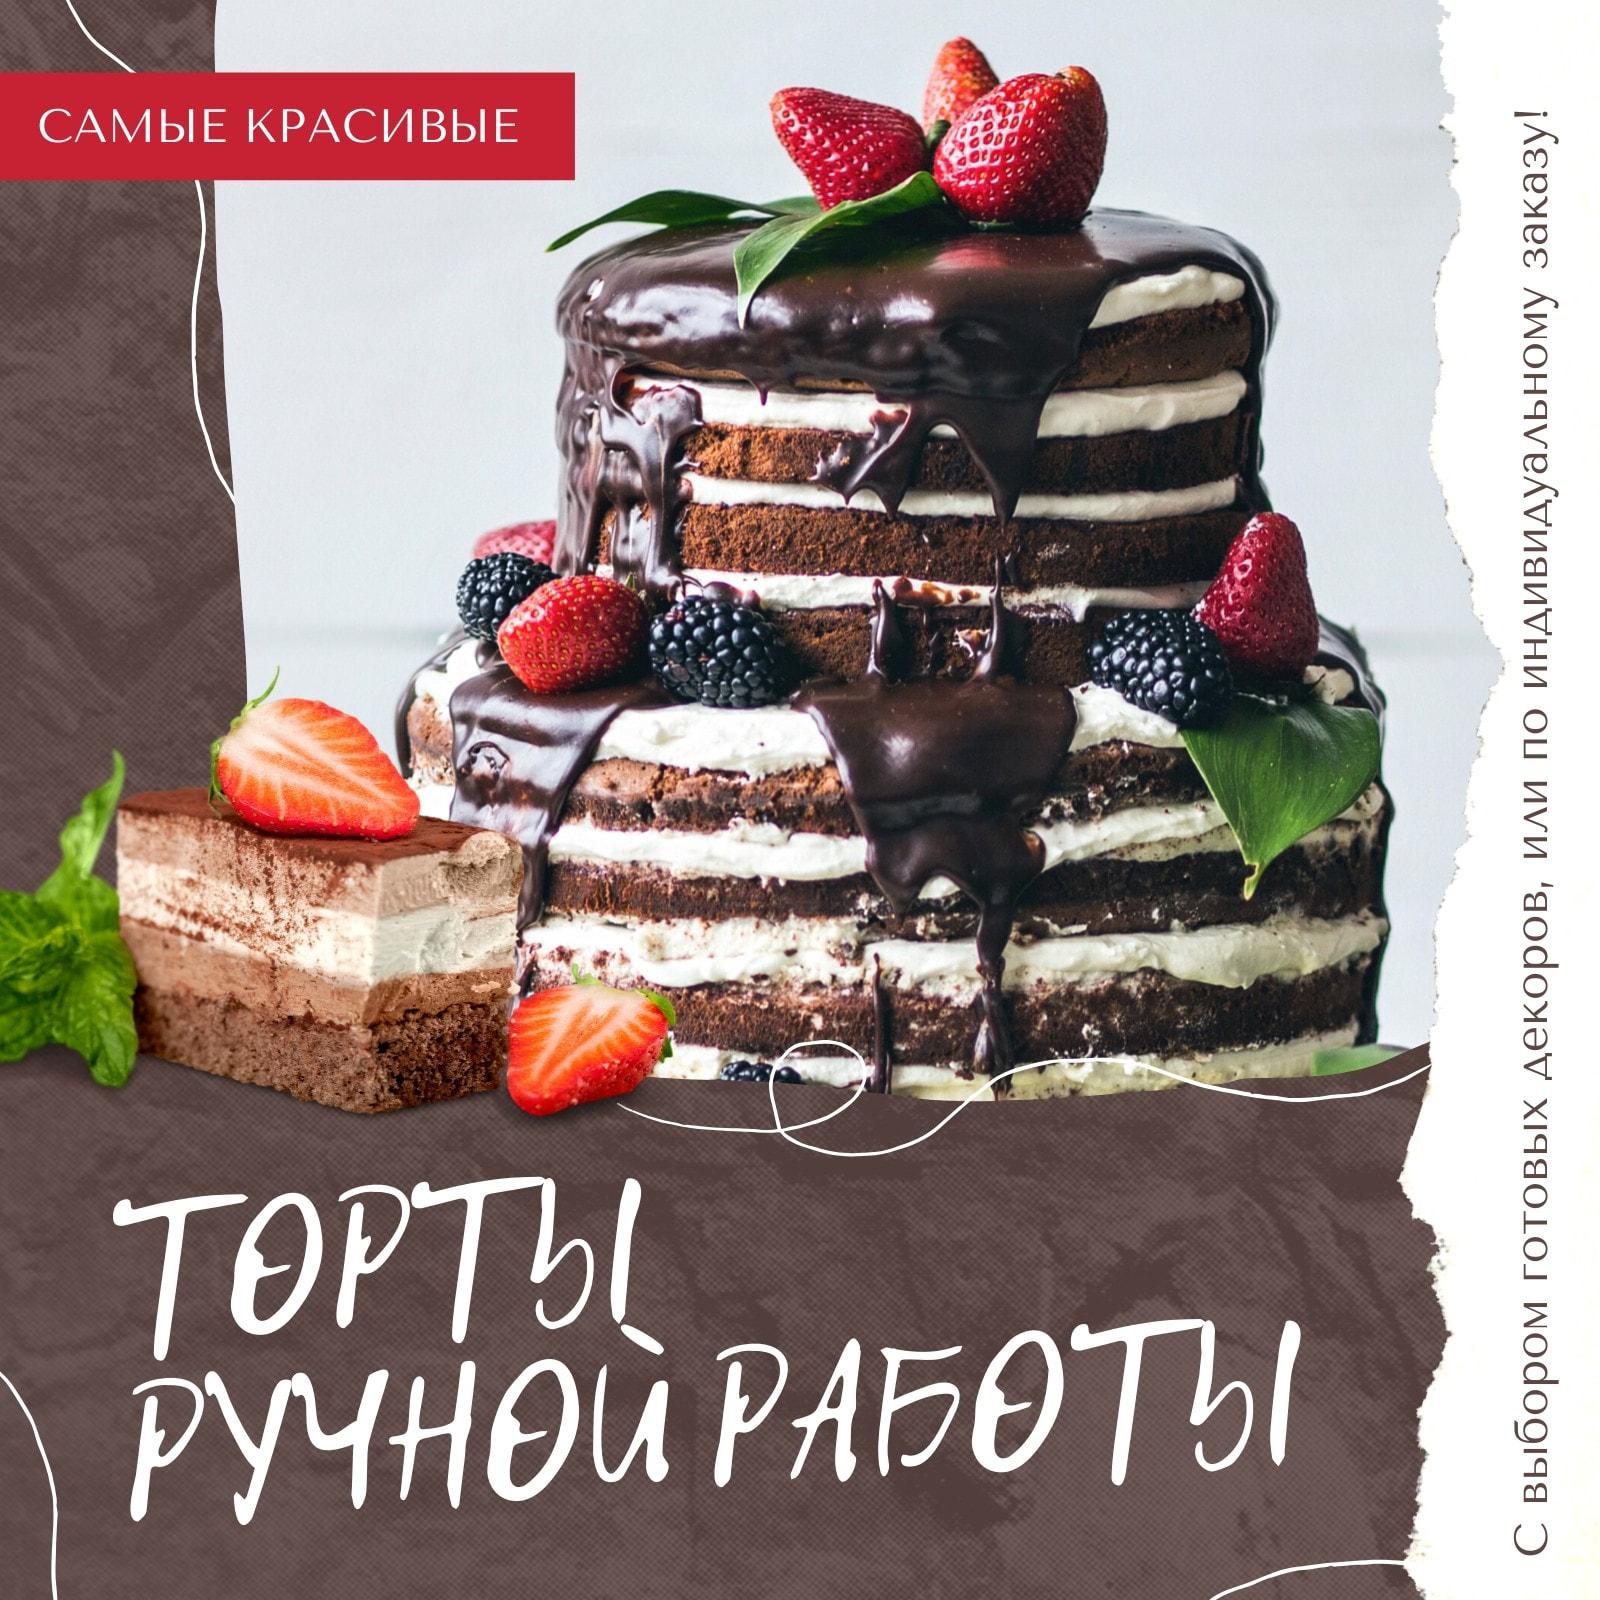 Коричневая публикация в Instagram с фотографией торта